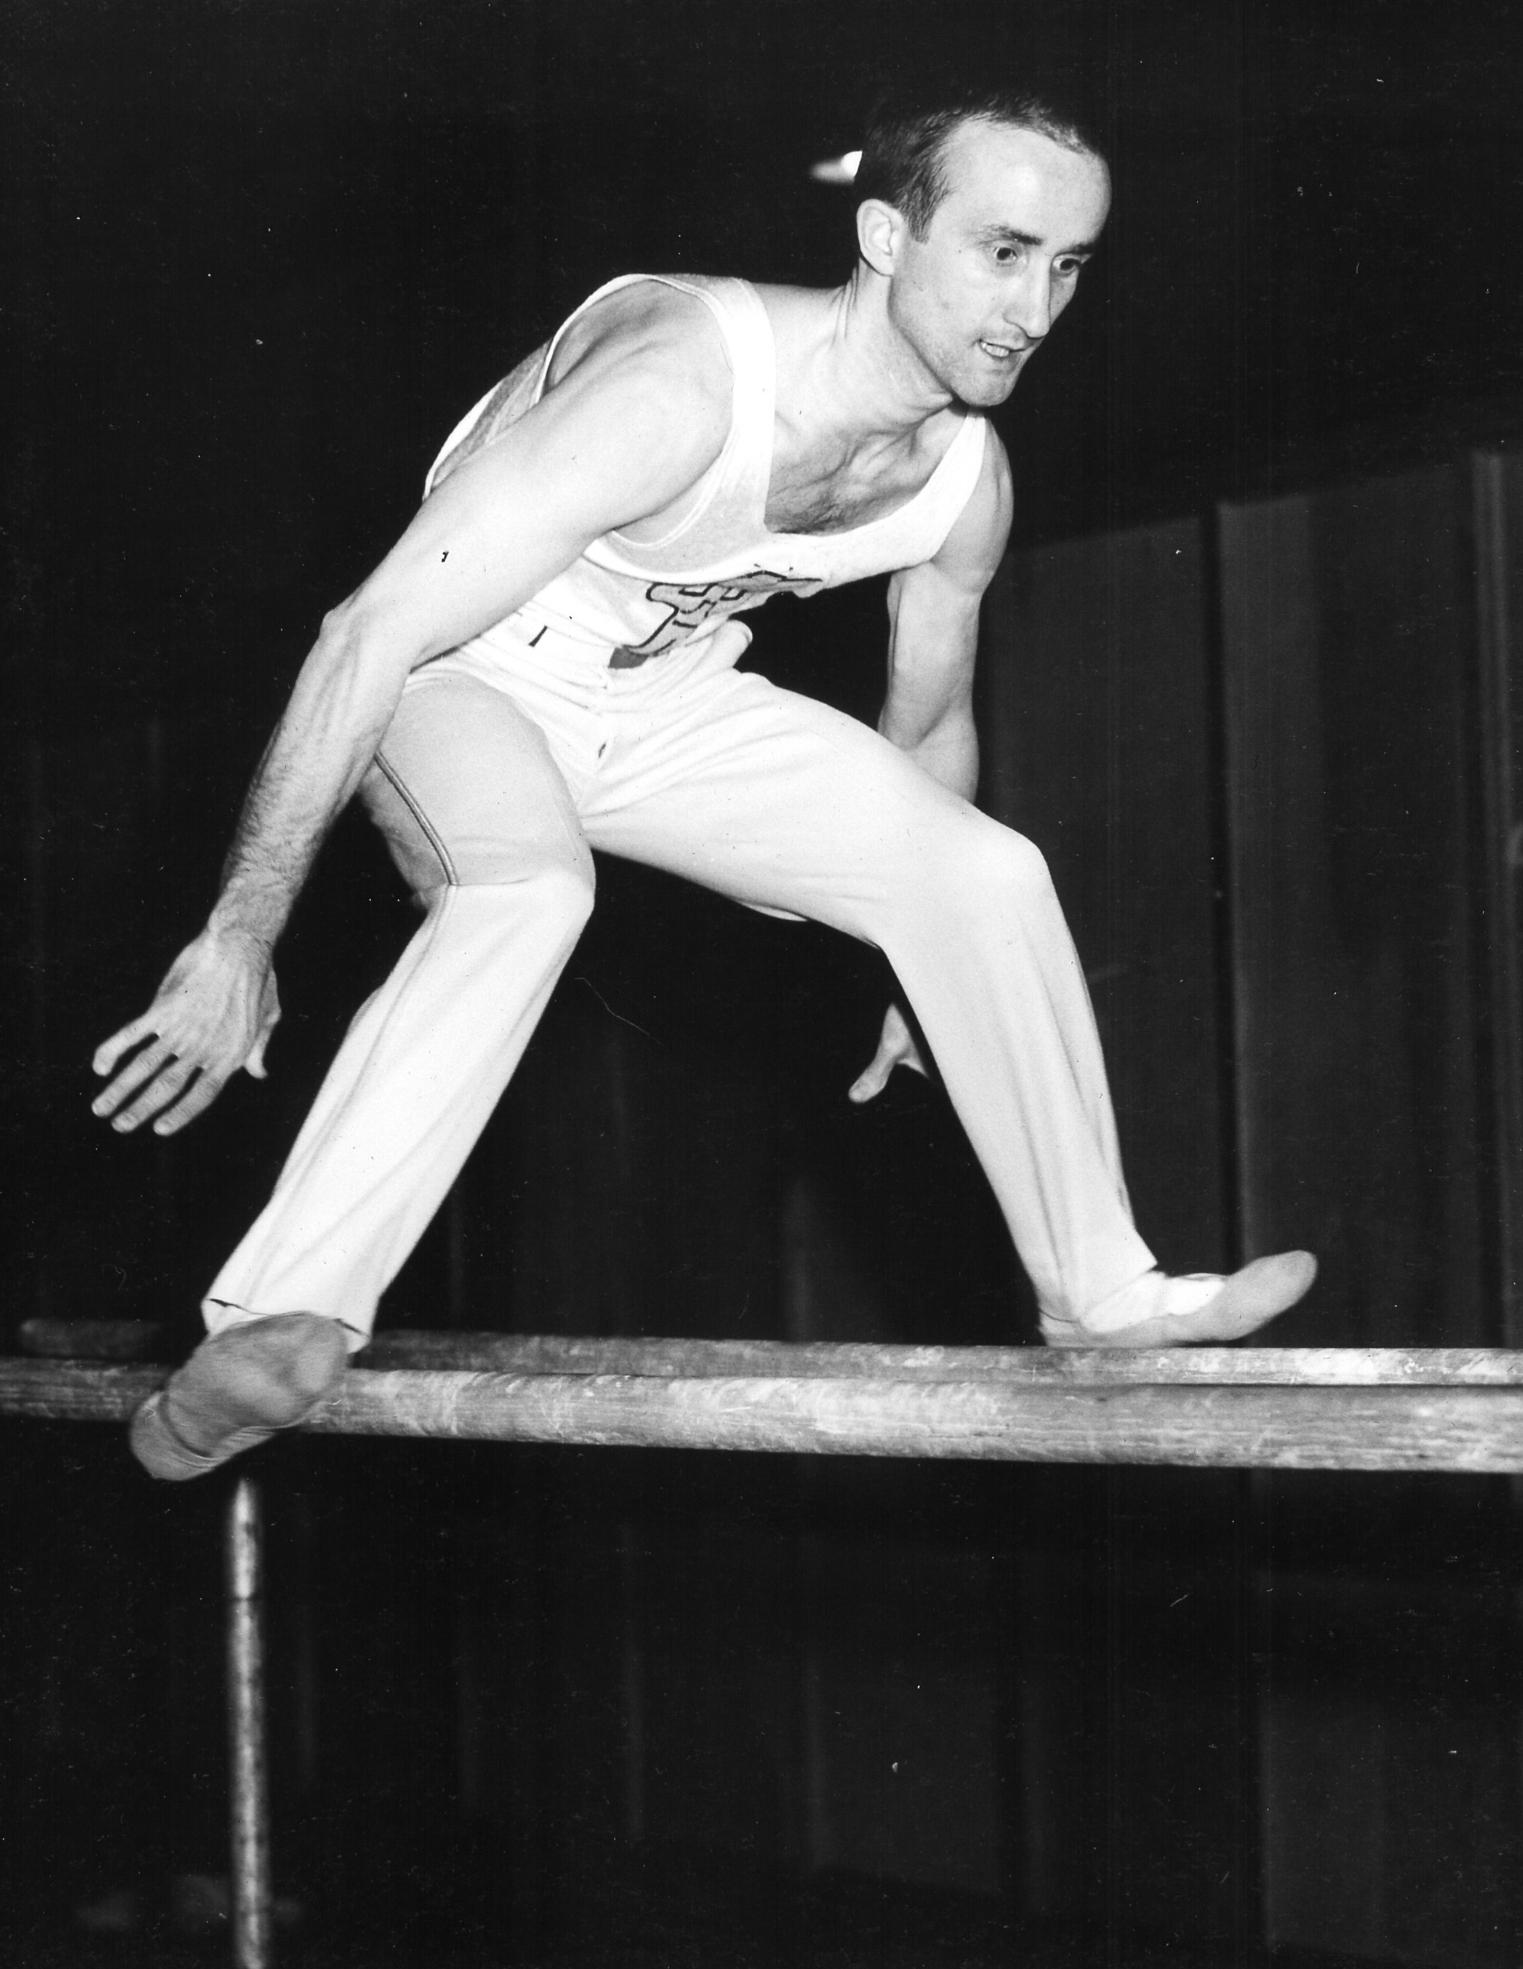 Chuck Pinckney on Parallel Bars (1951)